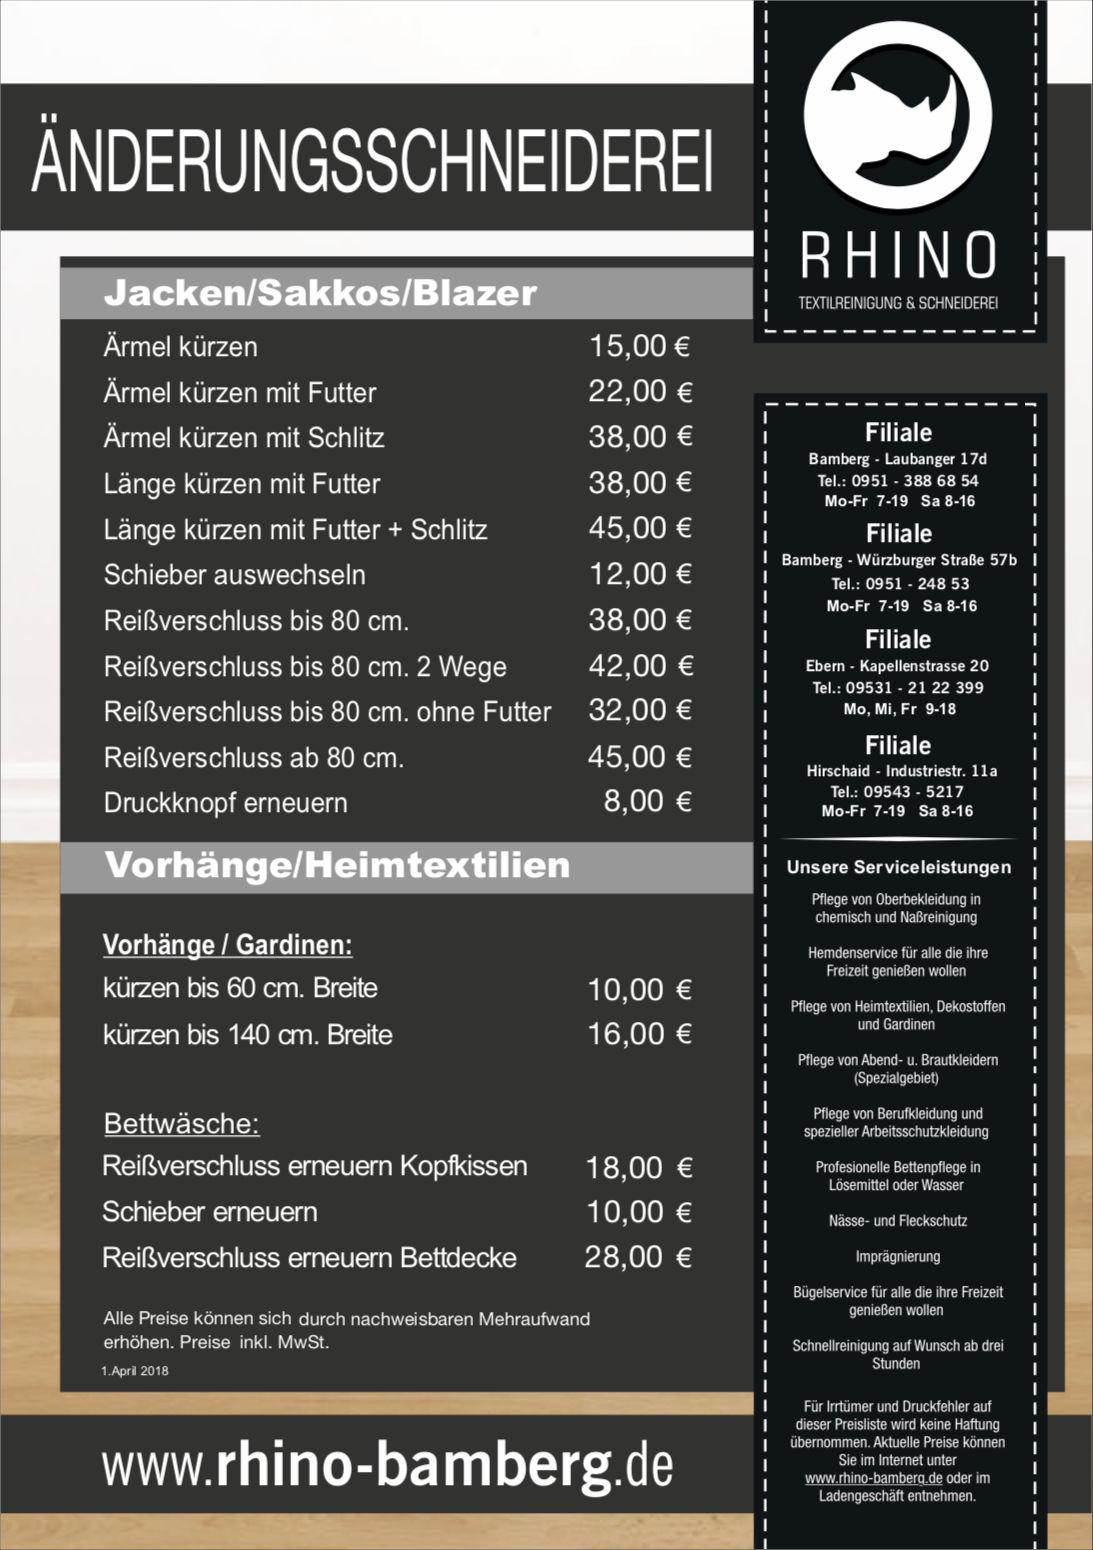 Aktuelles Rhino Textilreinigung In Bamberg Ebern Und Hirschaid